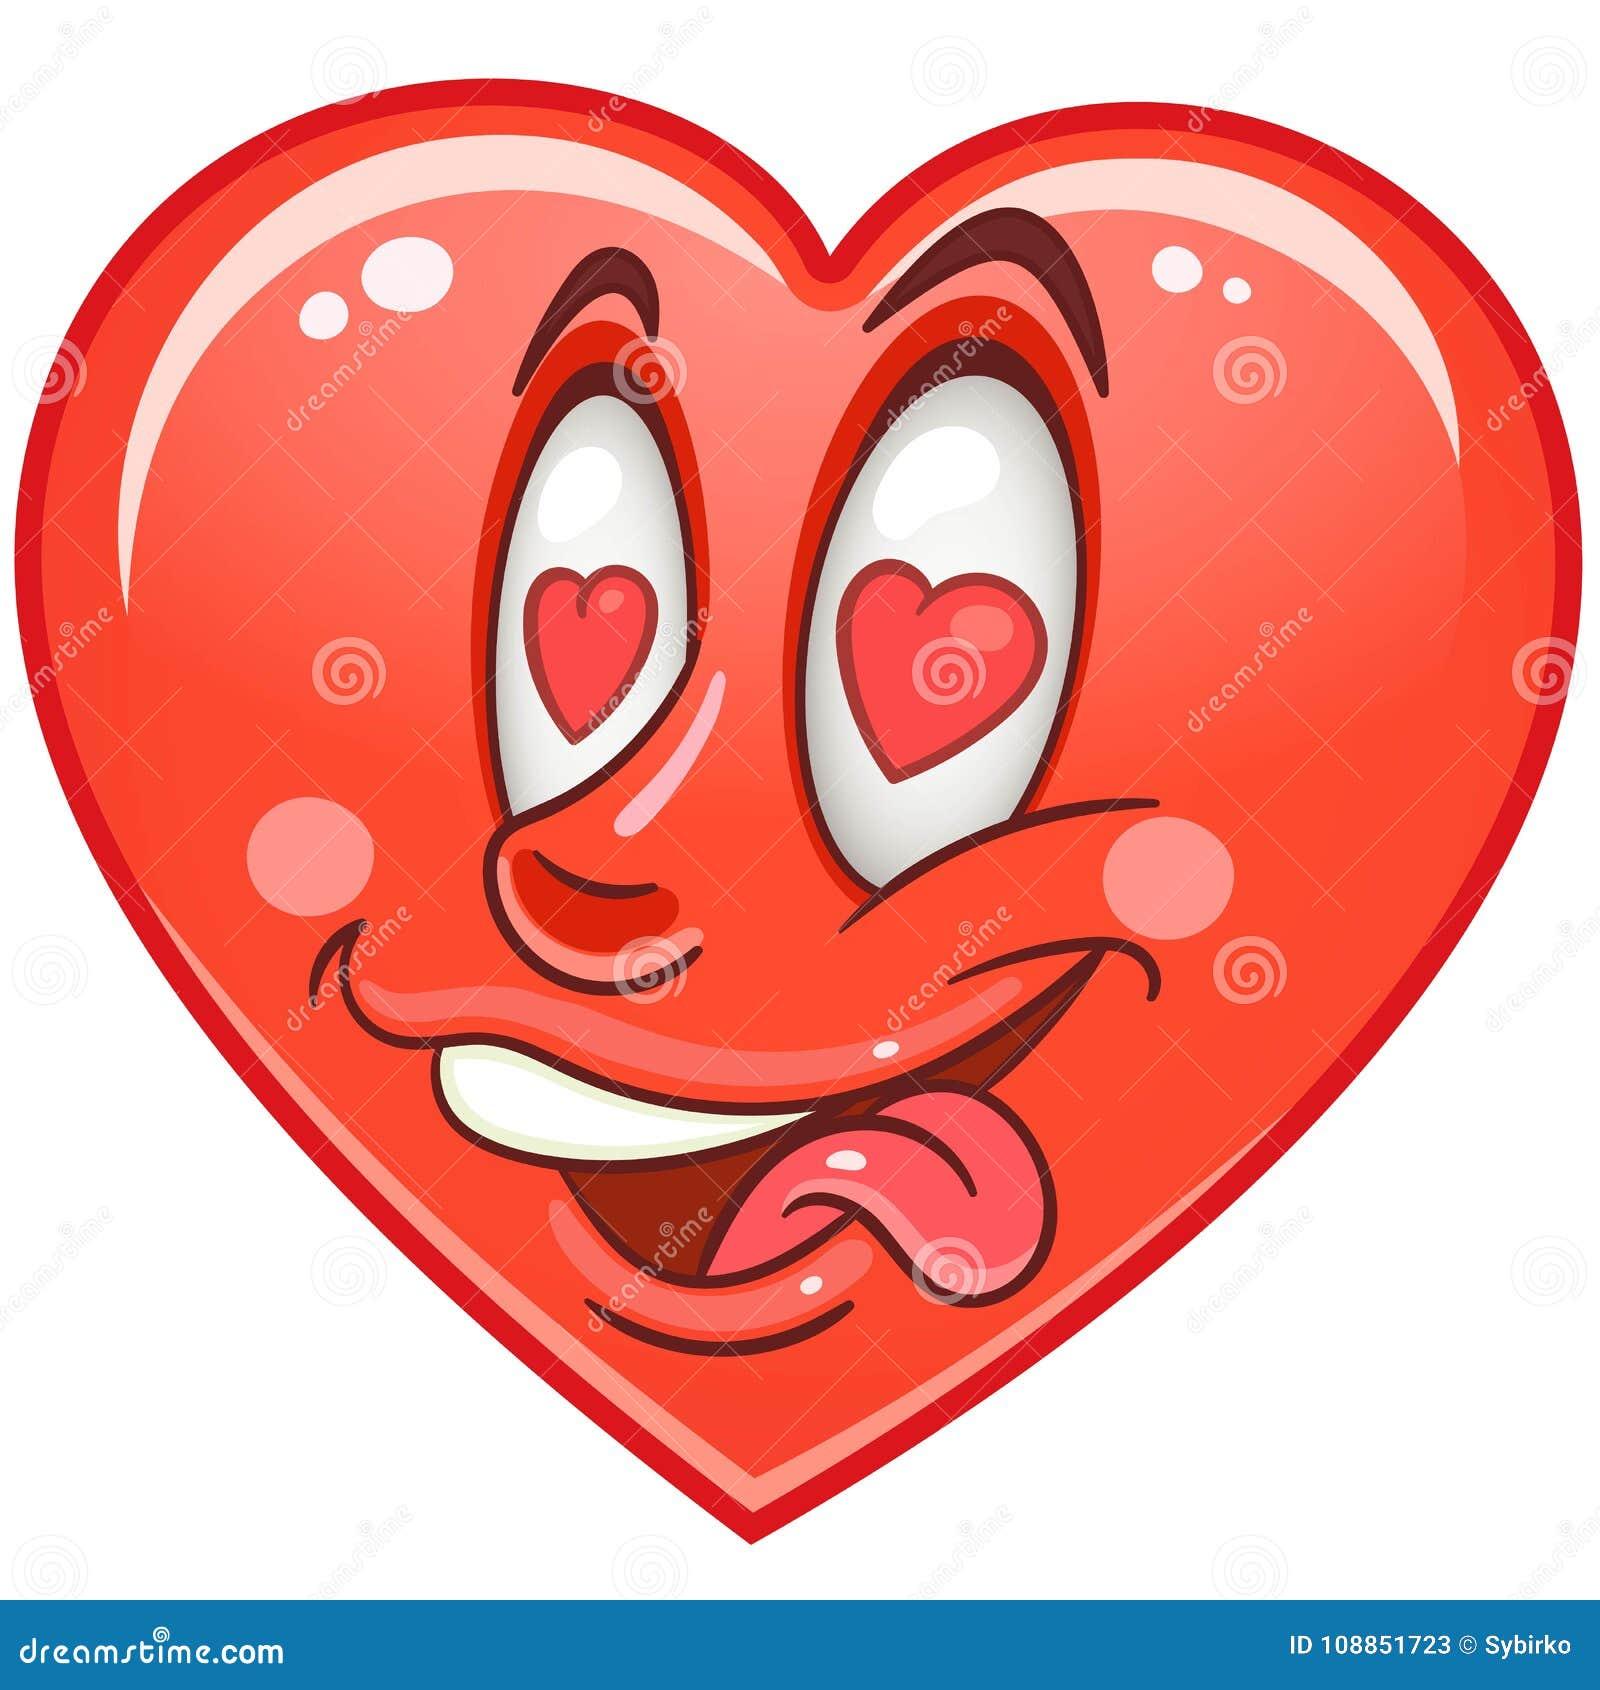 Heart Emoticons Smiley Emoji Stock Vector